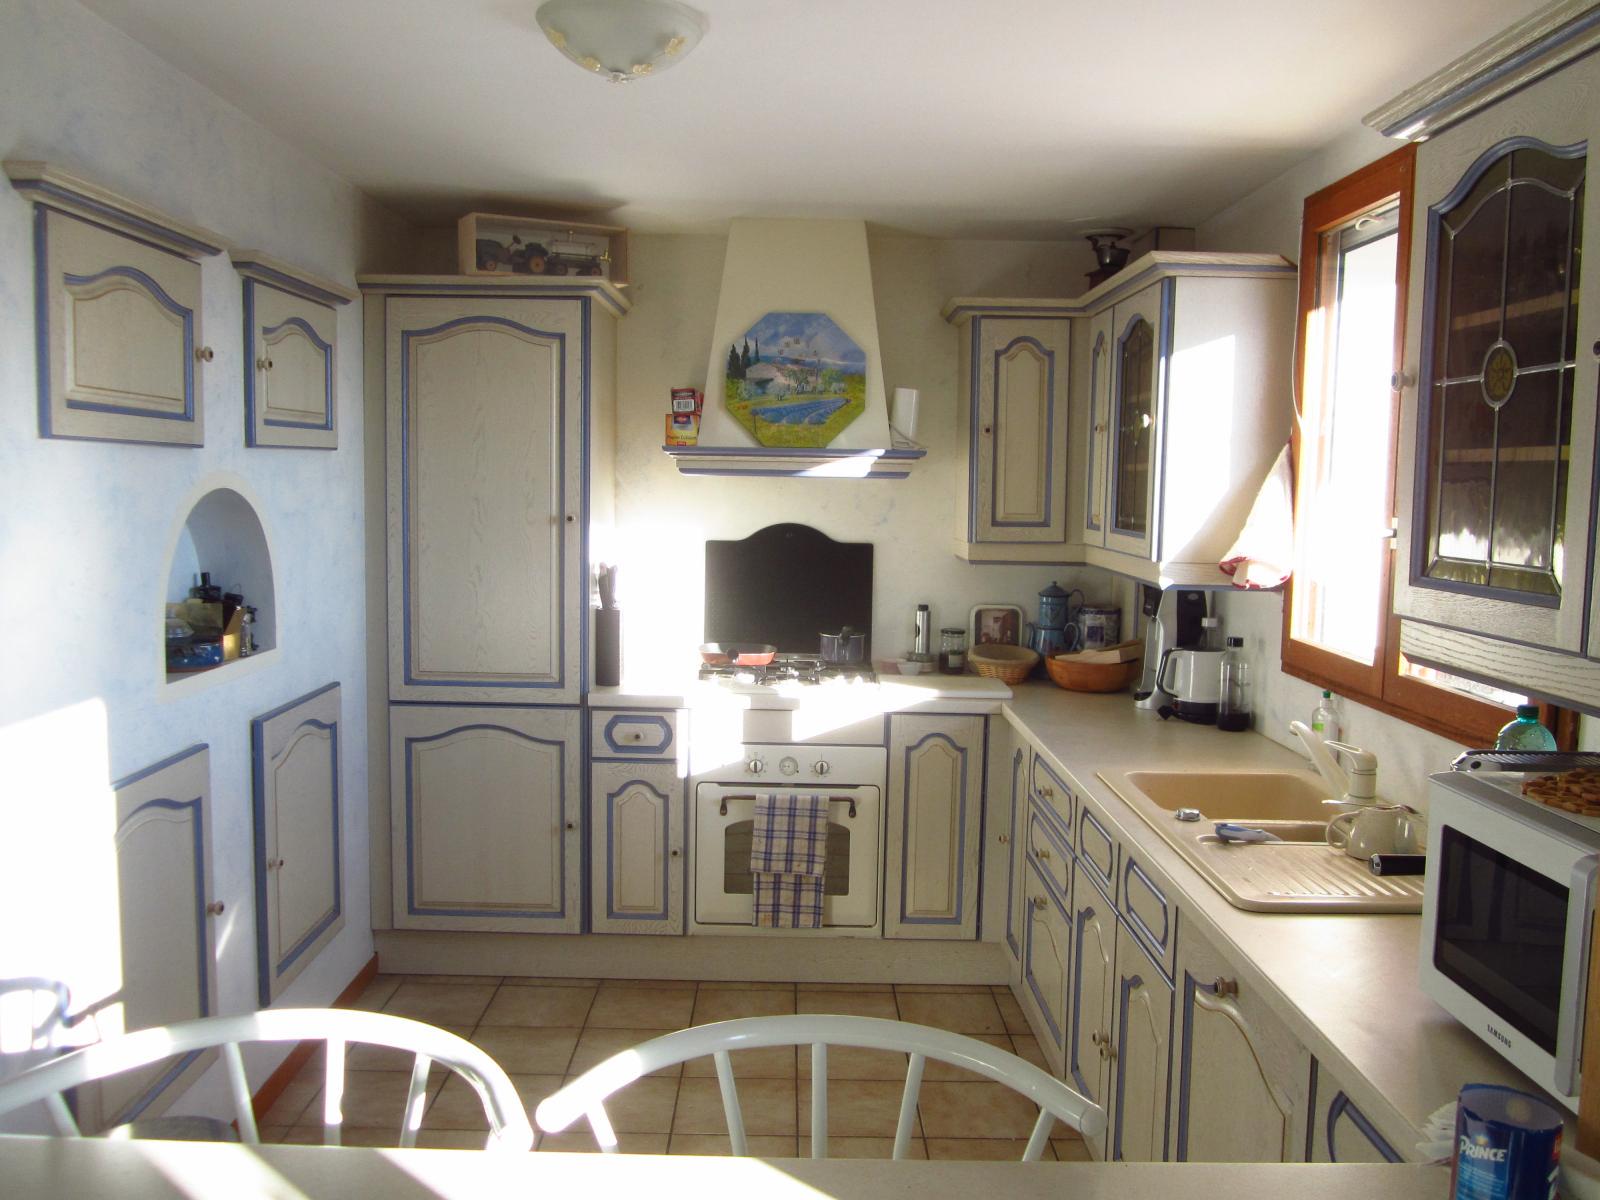 EXCLUSIVITE 5 min de Savigny Maison avec vue panoramique sur les montagnes...